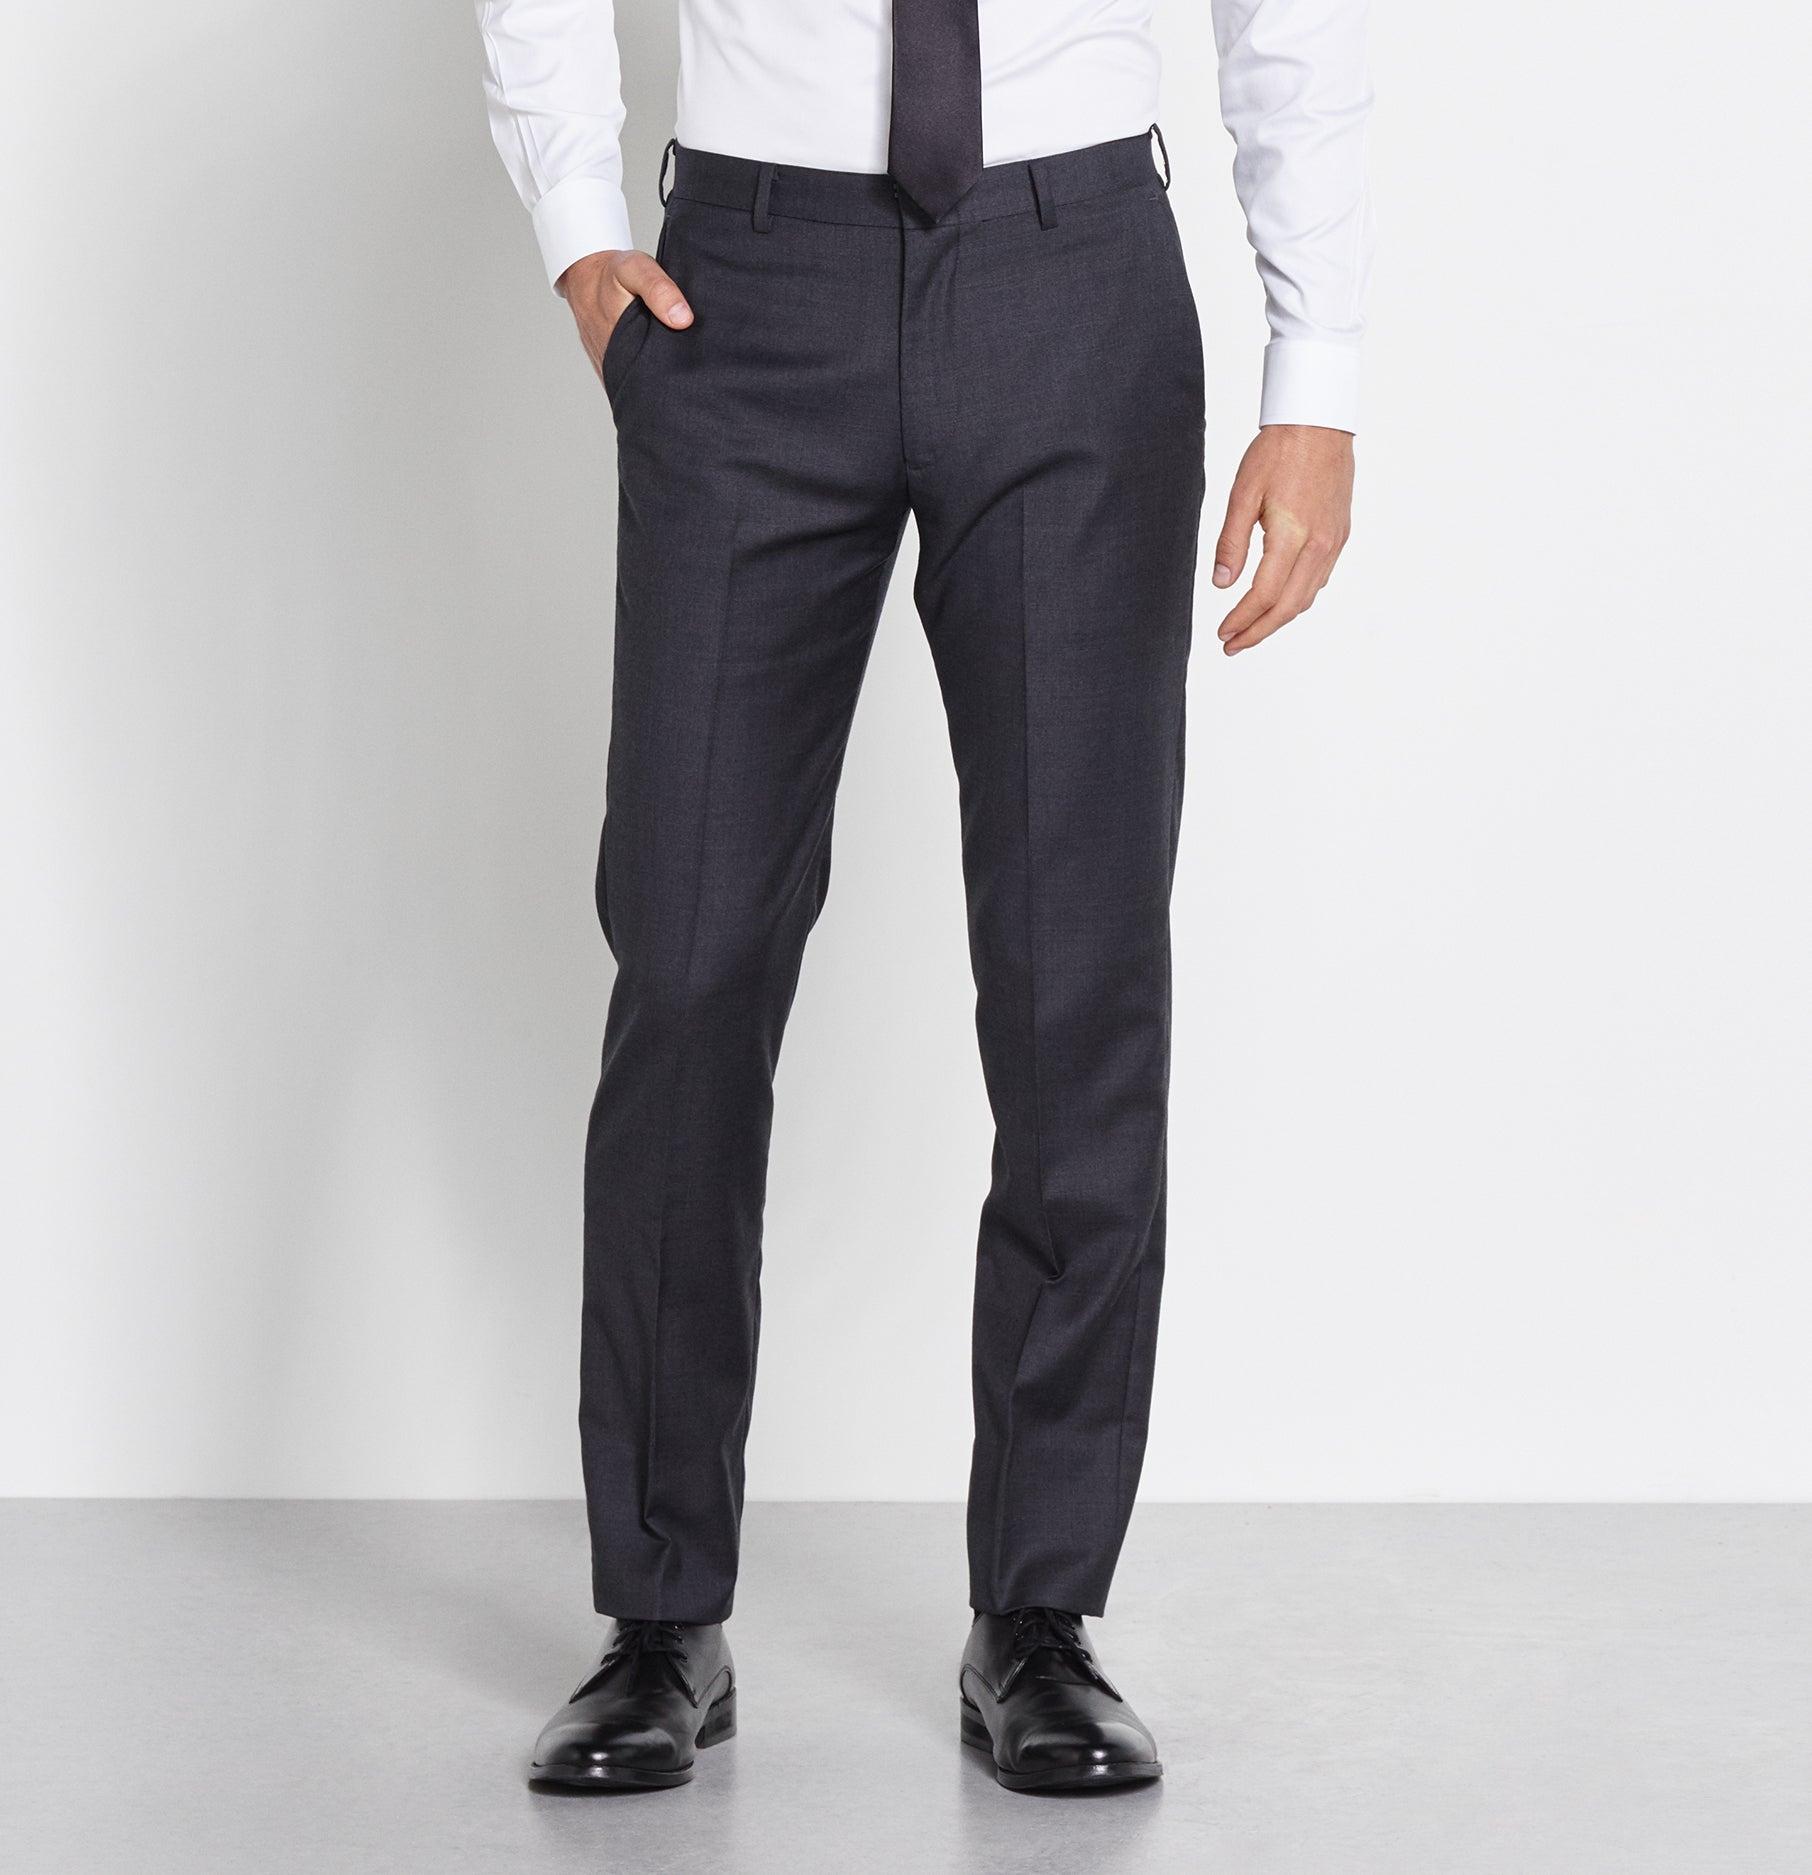 Charcoal Suit | The Black Tux